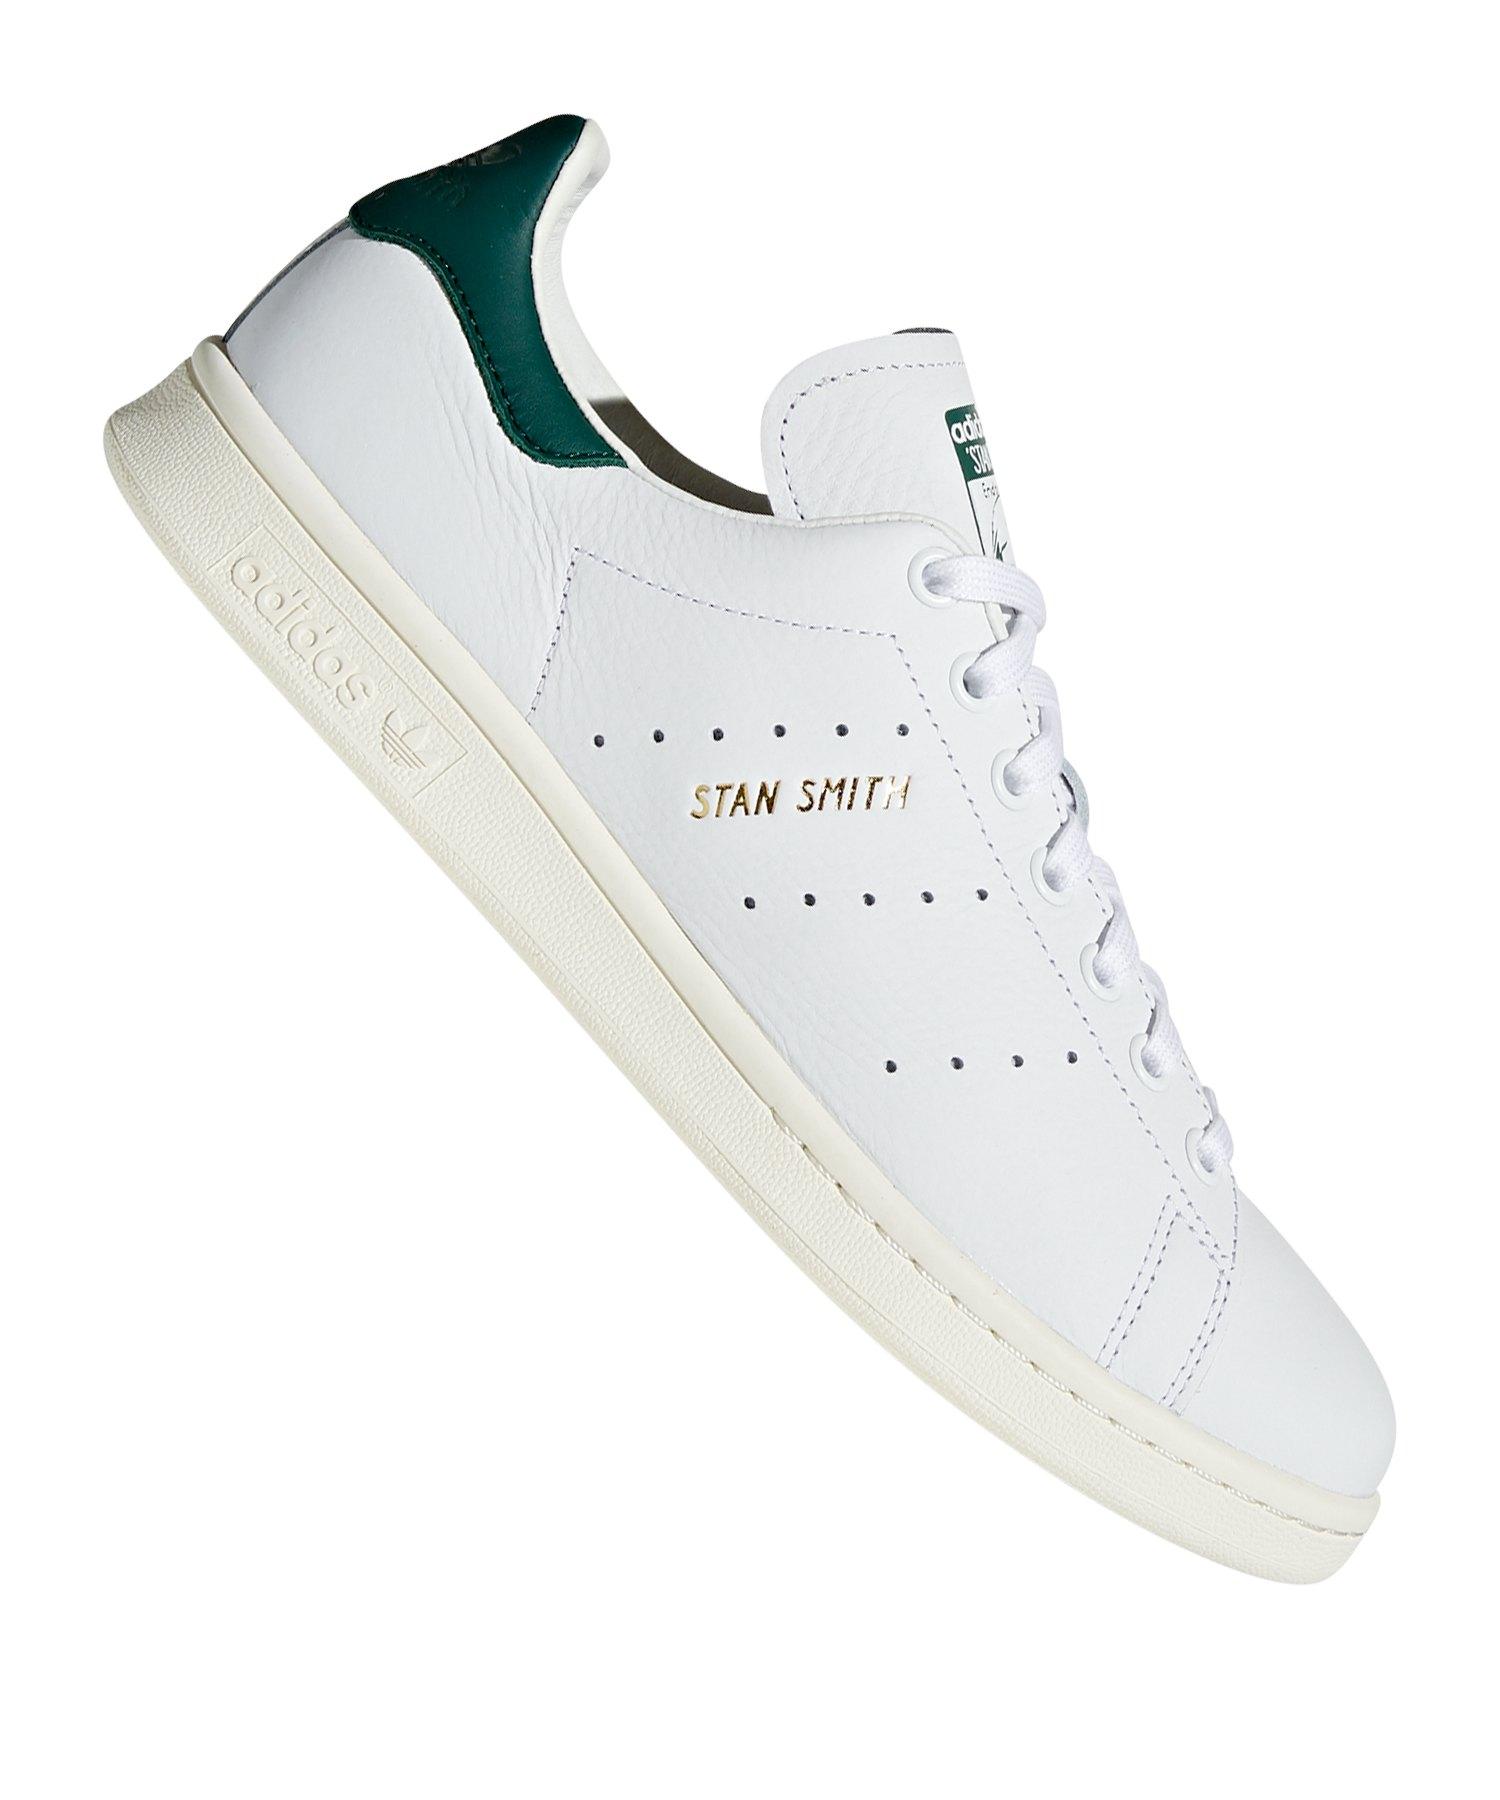 adidas ORIGINALS Stan Smith grün CQ2871 |